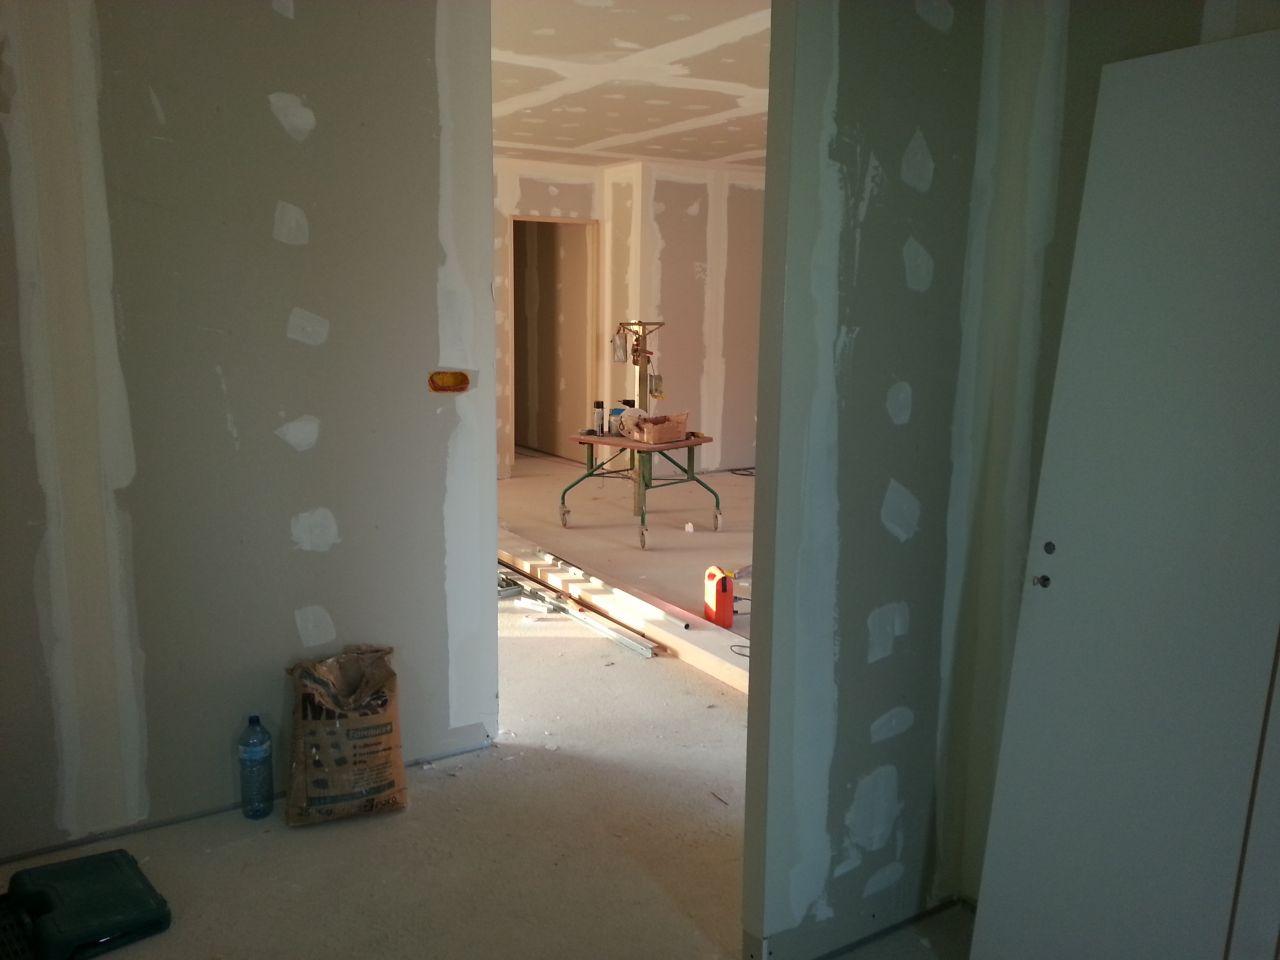 photo prise du hall d'entrée... la lumière pénètre bien les espaces